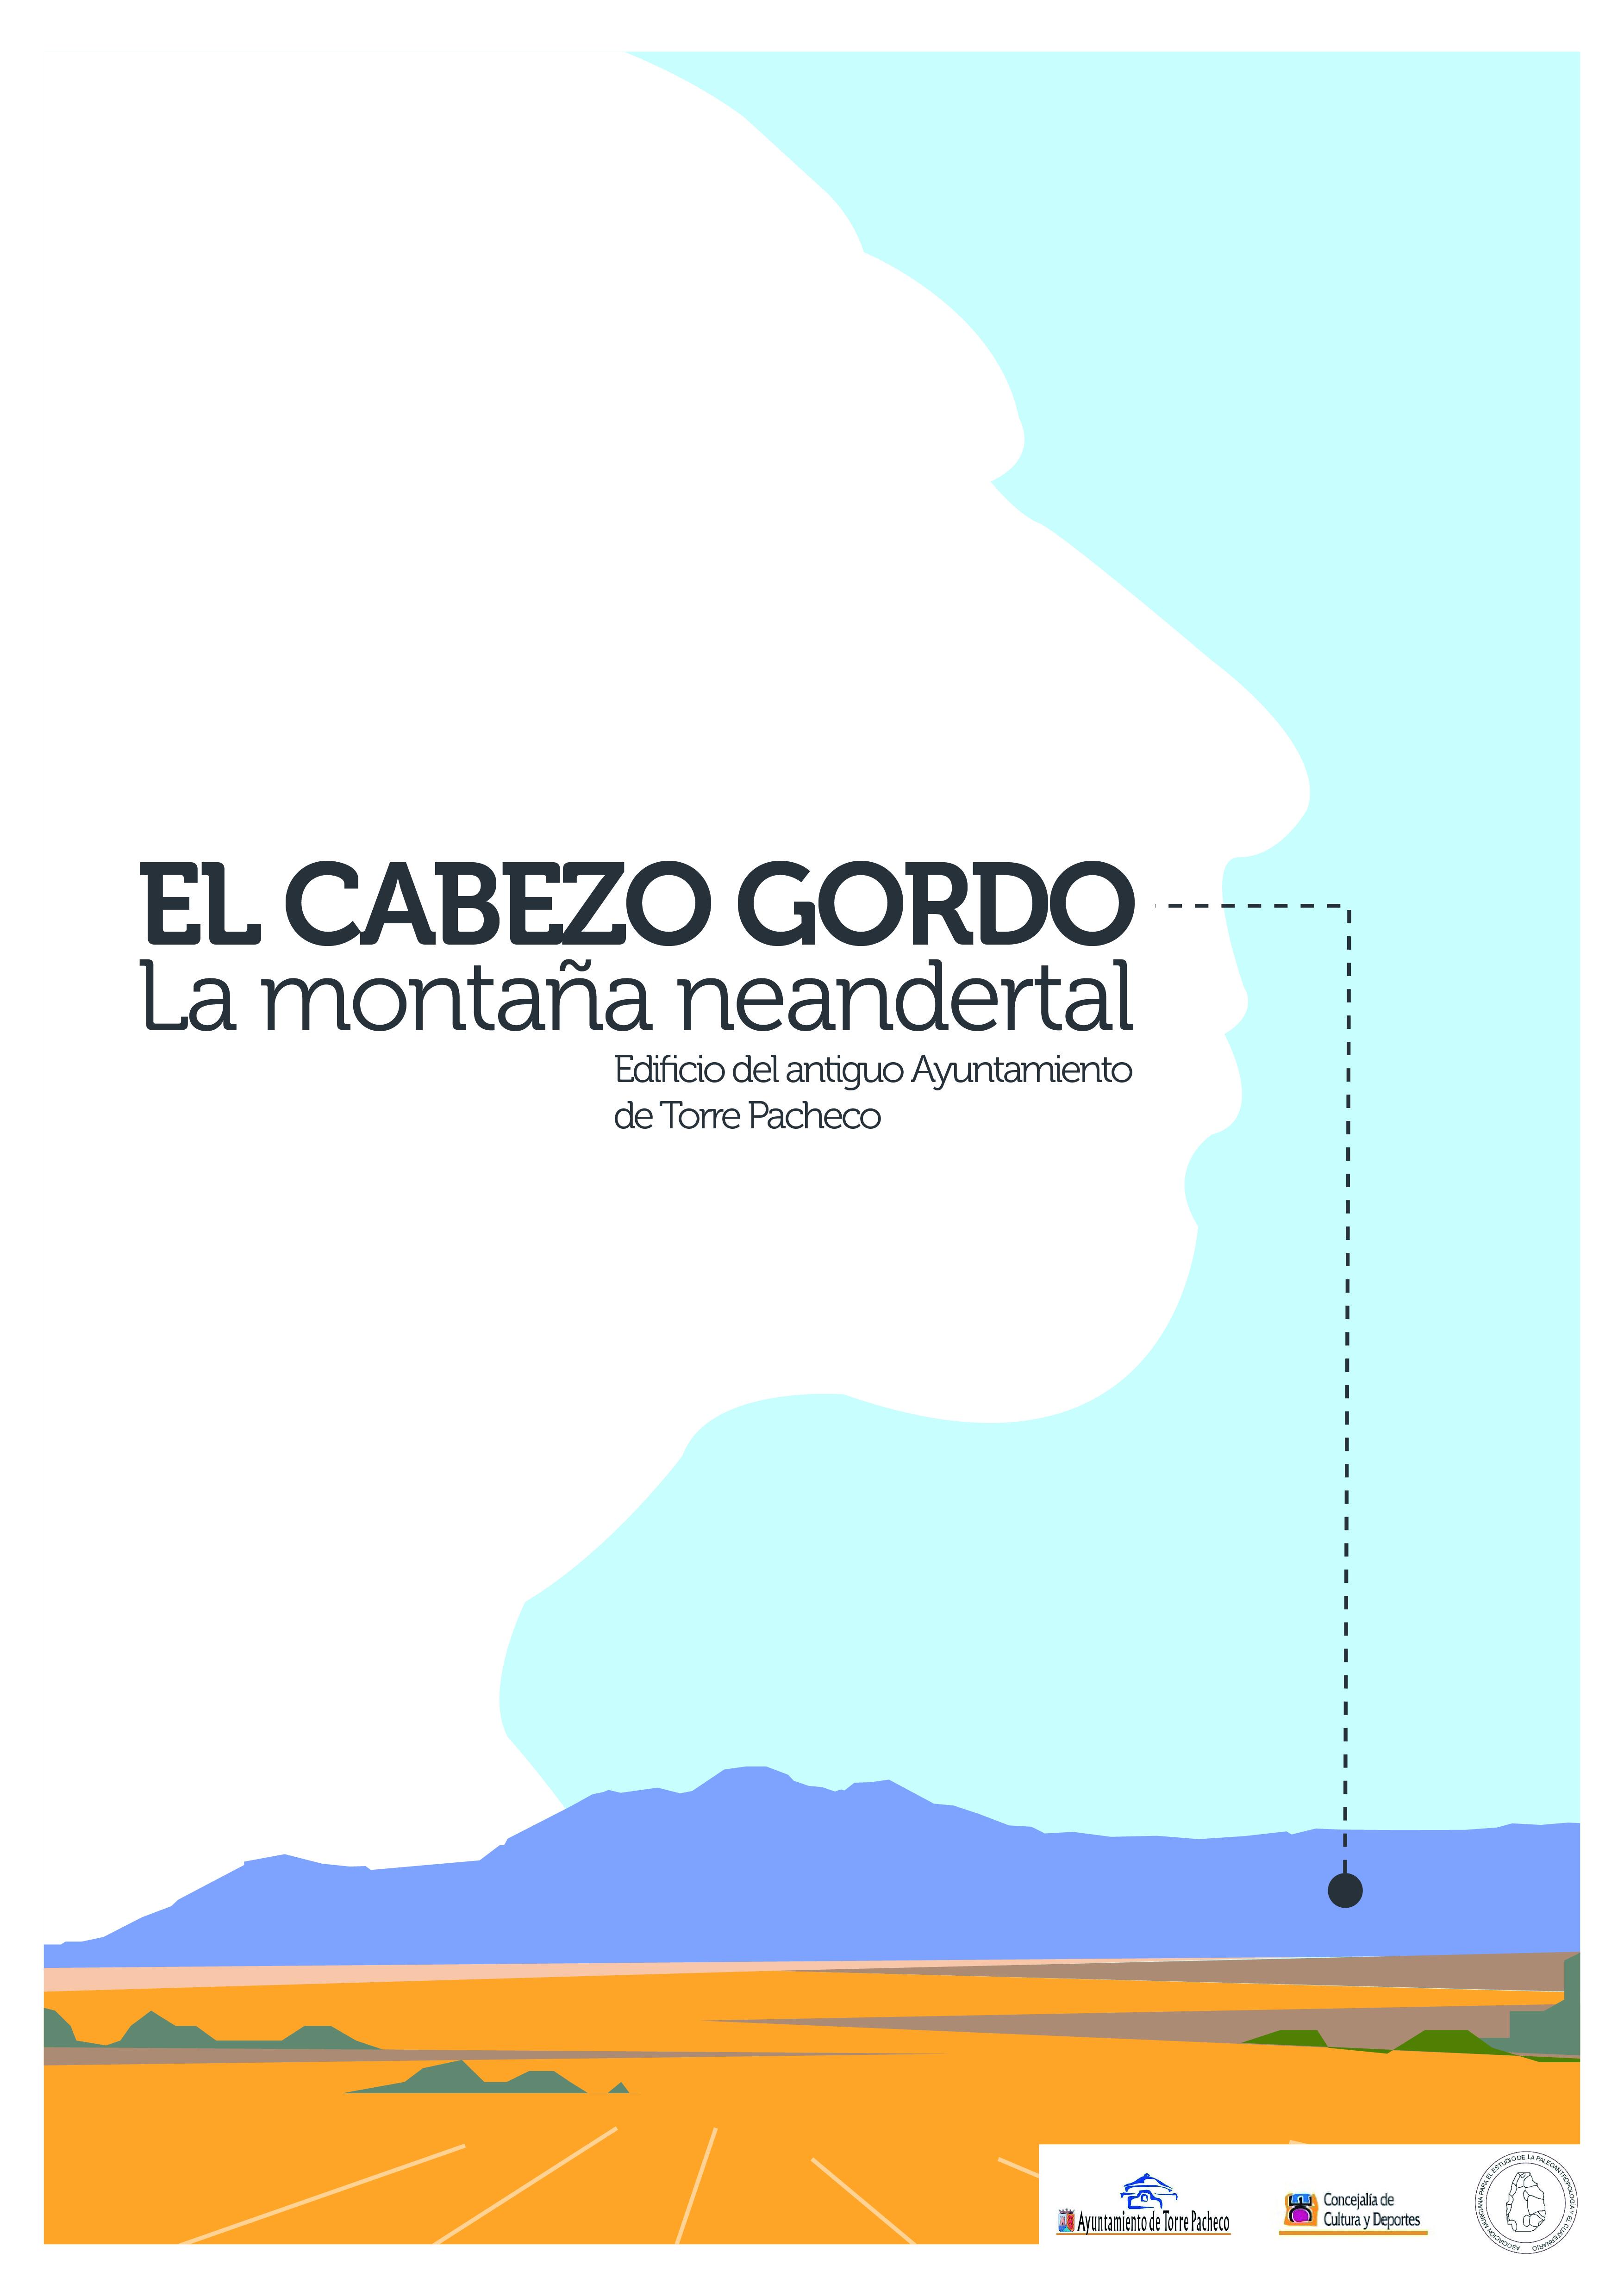 Expo sobre el Cabezo Gordo, con el Ayuntamiento de Torre-Pacheco